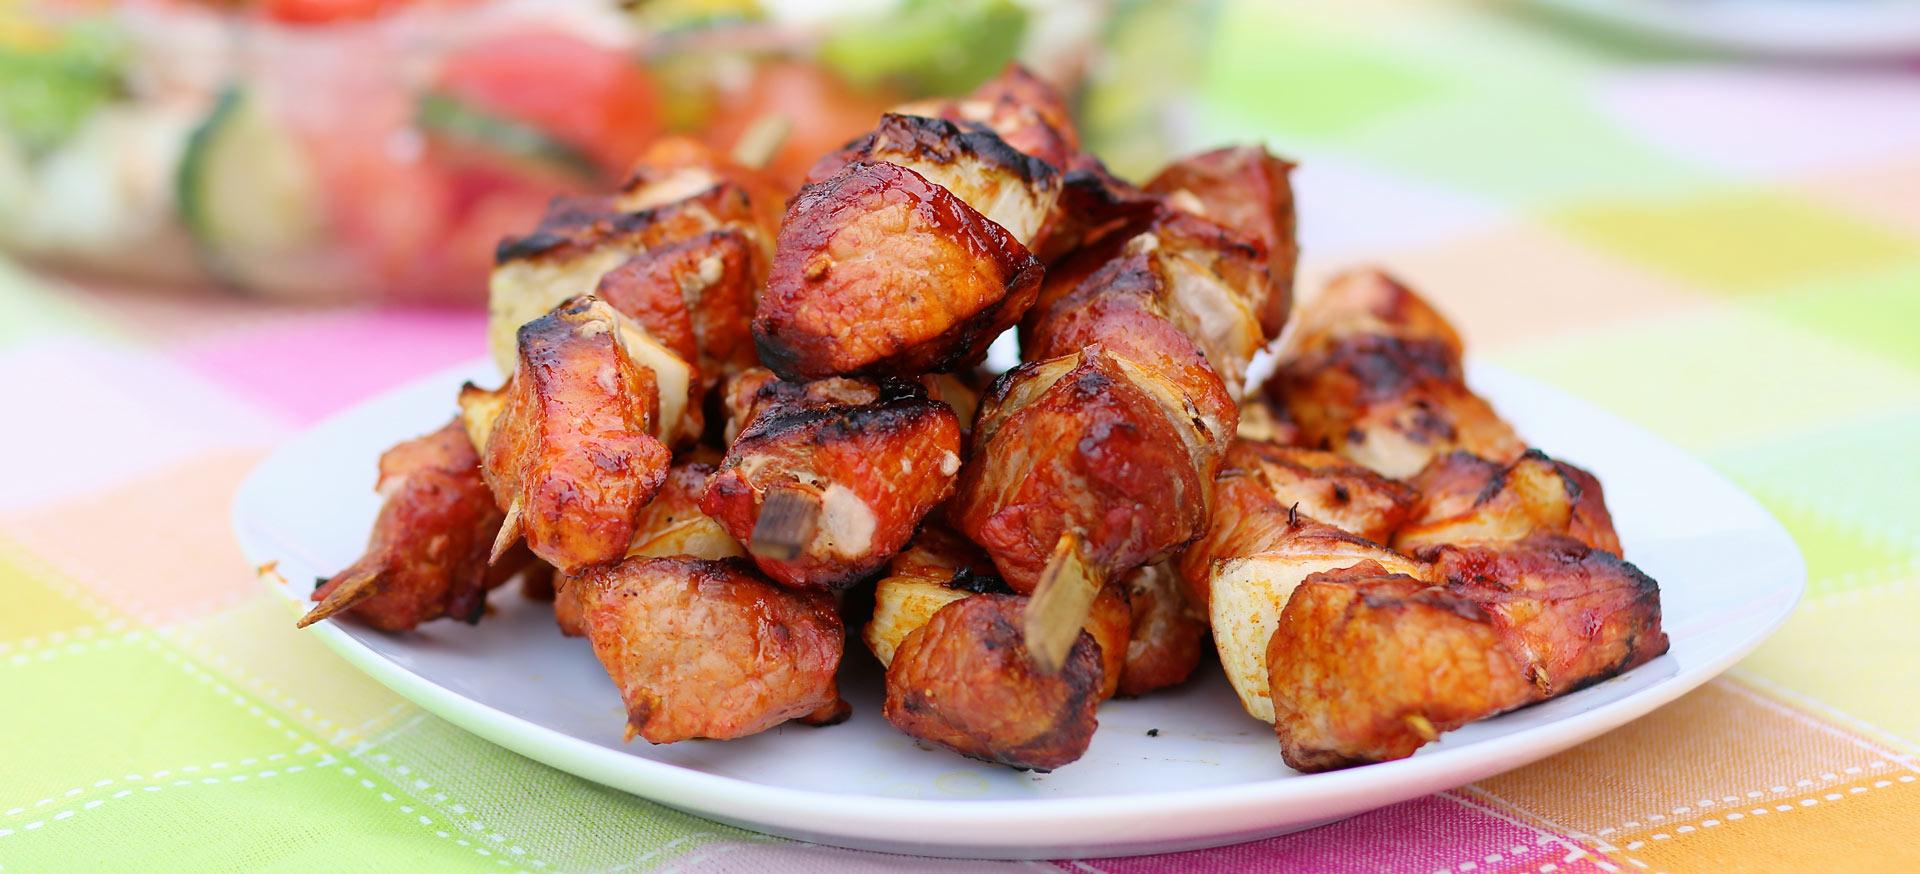 barbecue-food-kebap